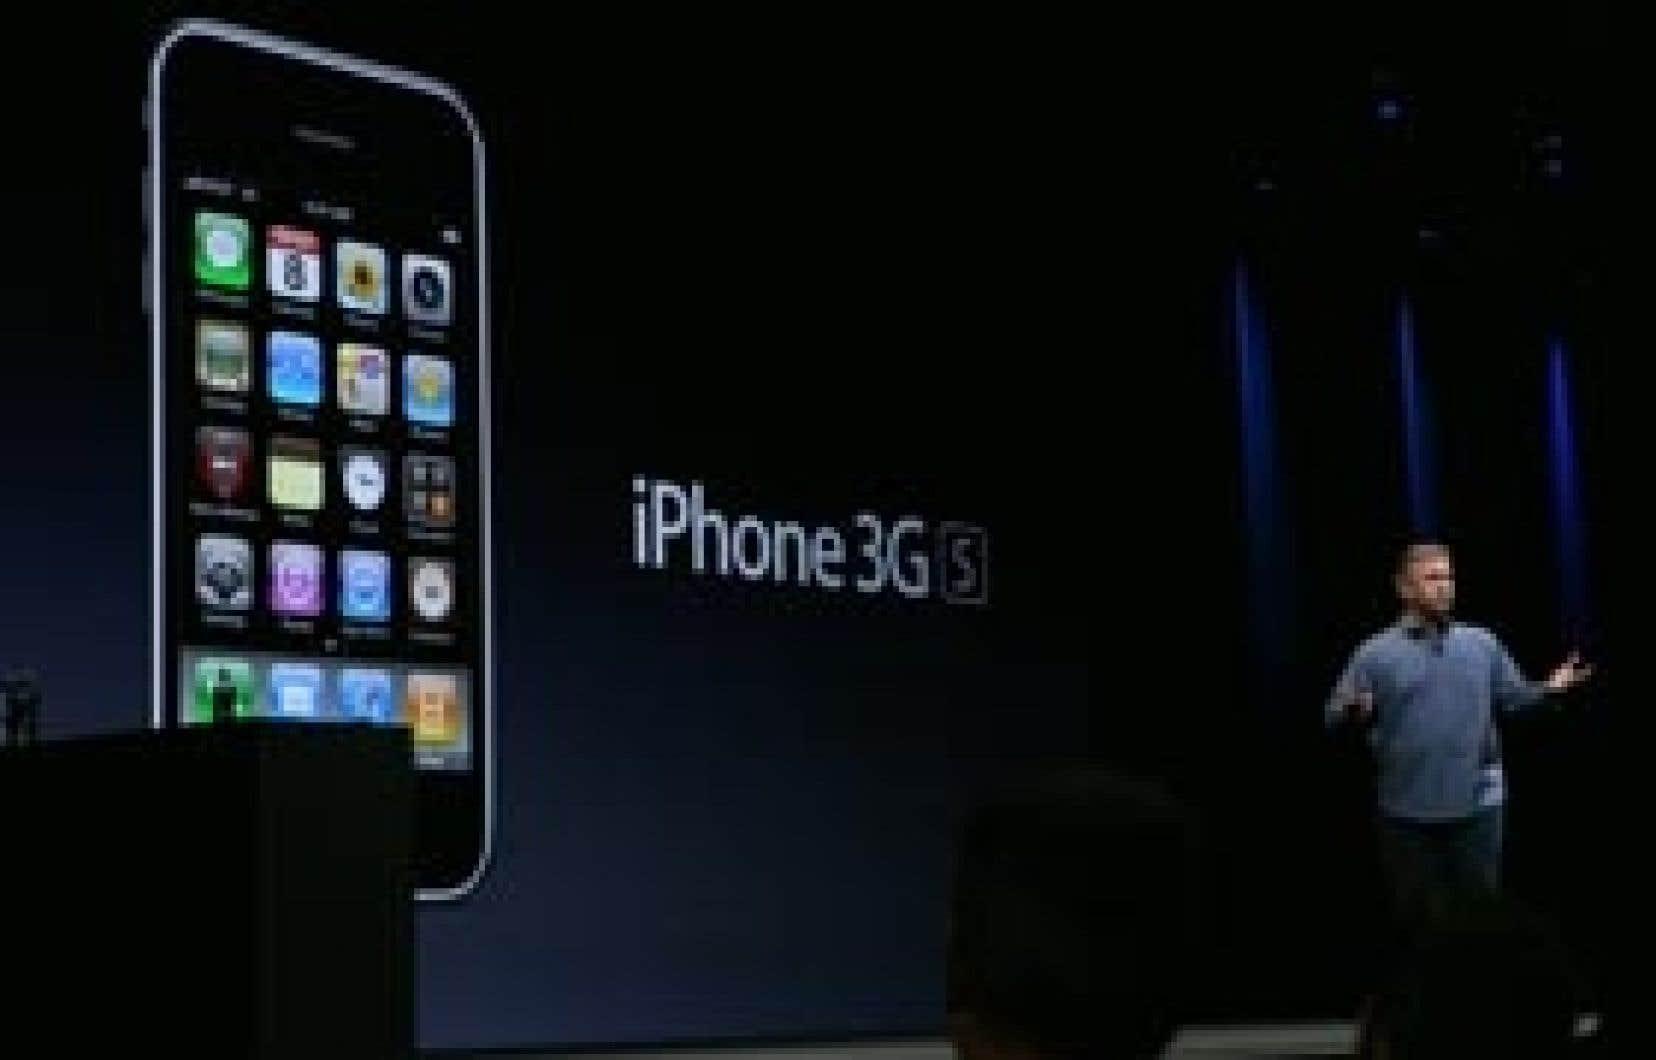 Un des vice-présidents d'Apple, Phil Schiller, présentant le  nouvel iPhone 3Gs.